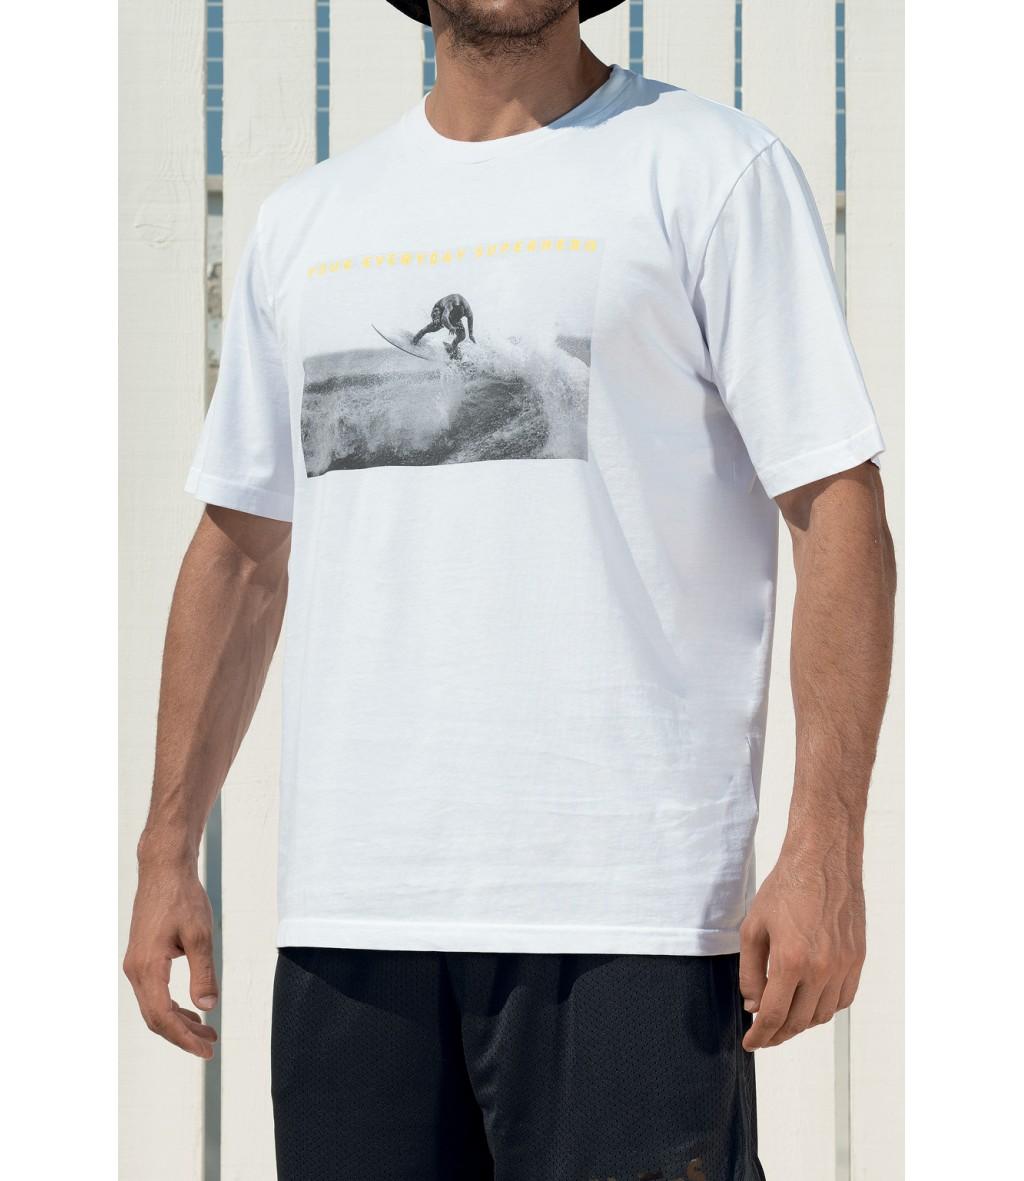 T-shirt in cotone bianca da uomo Yes Your Everyday Superhero con stampa fotografica bianco e nero sul fronte.